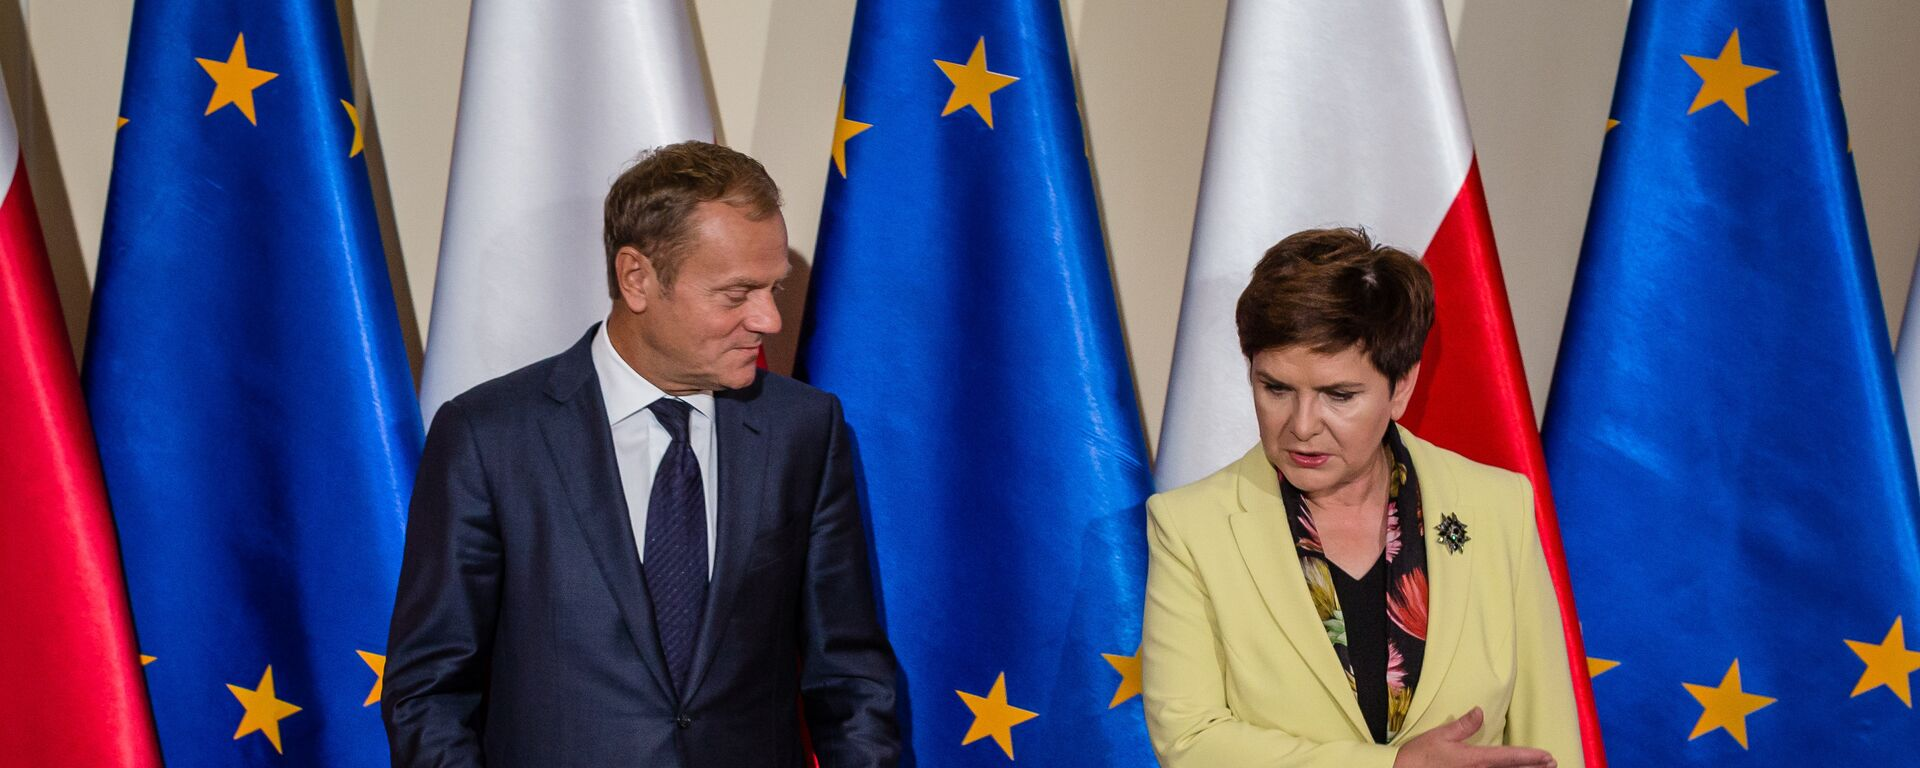 Przewodniczący Rady Europejskiej Donald Tusk i premier RP Beata Szydło - Sputnik Polska, 1920, 03.07.2021